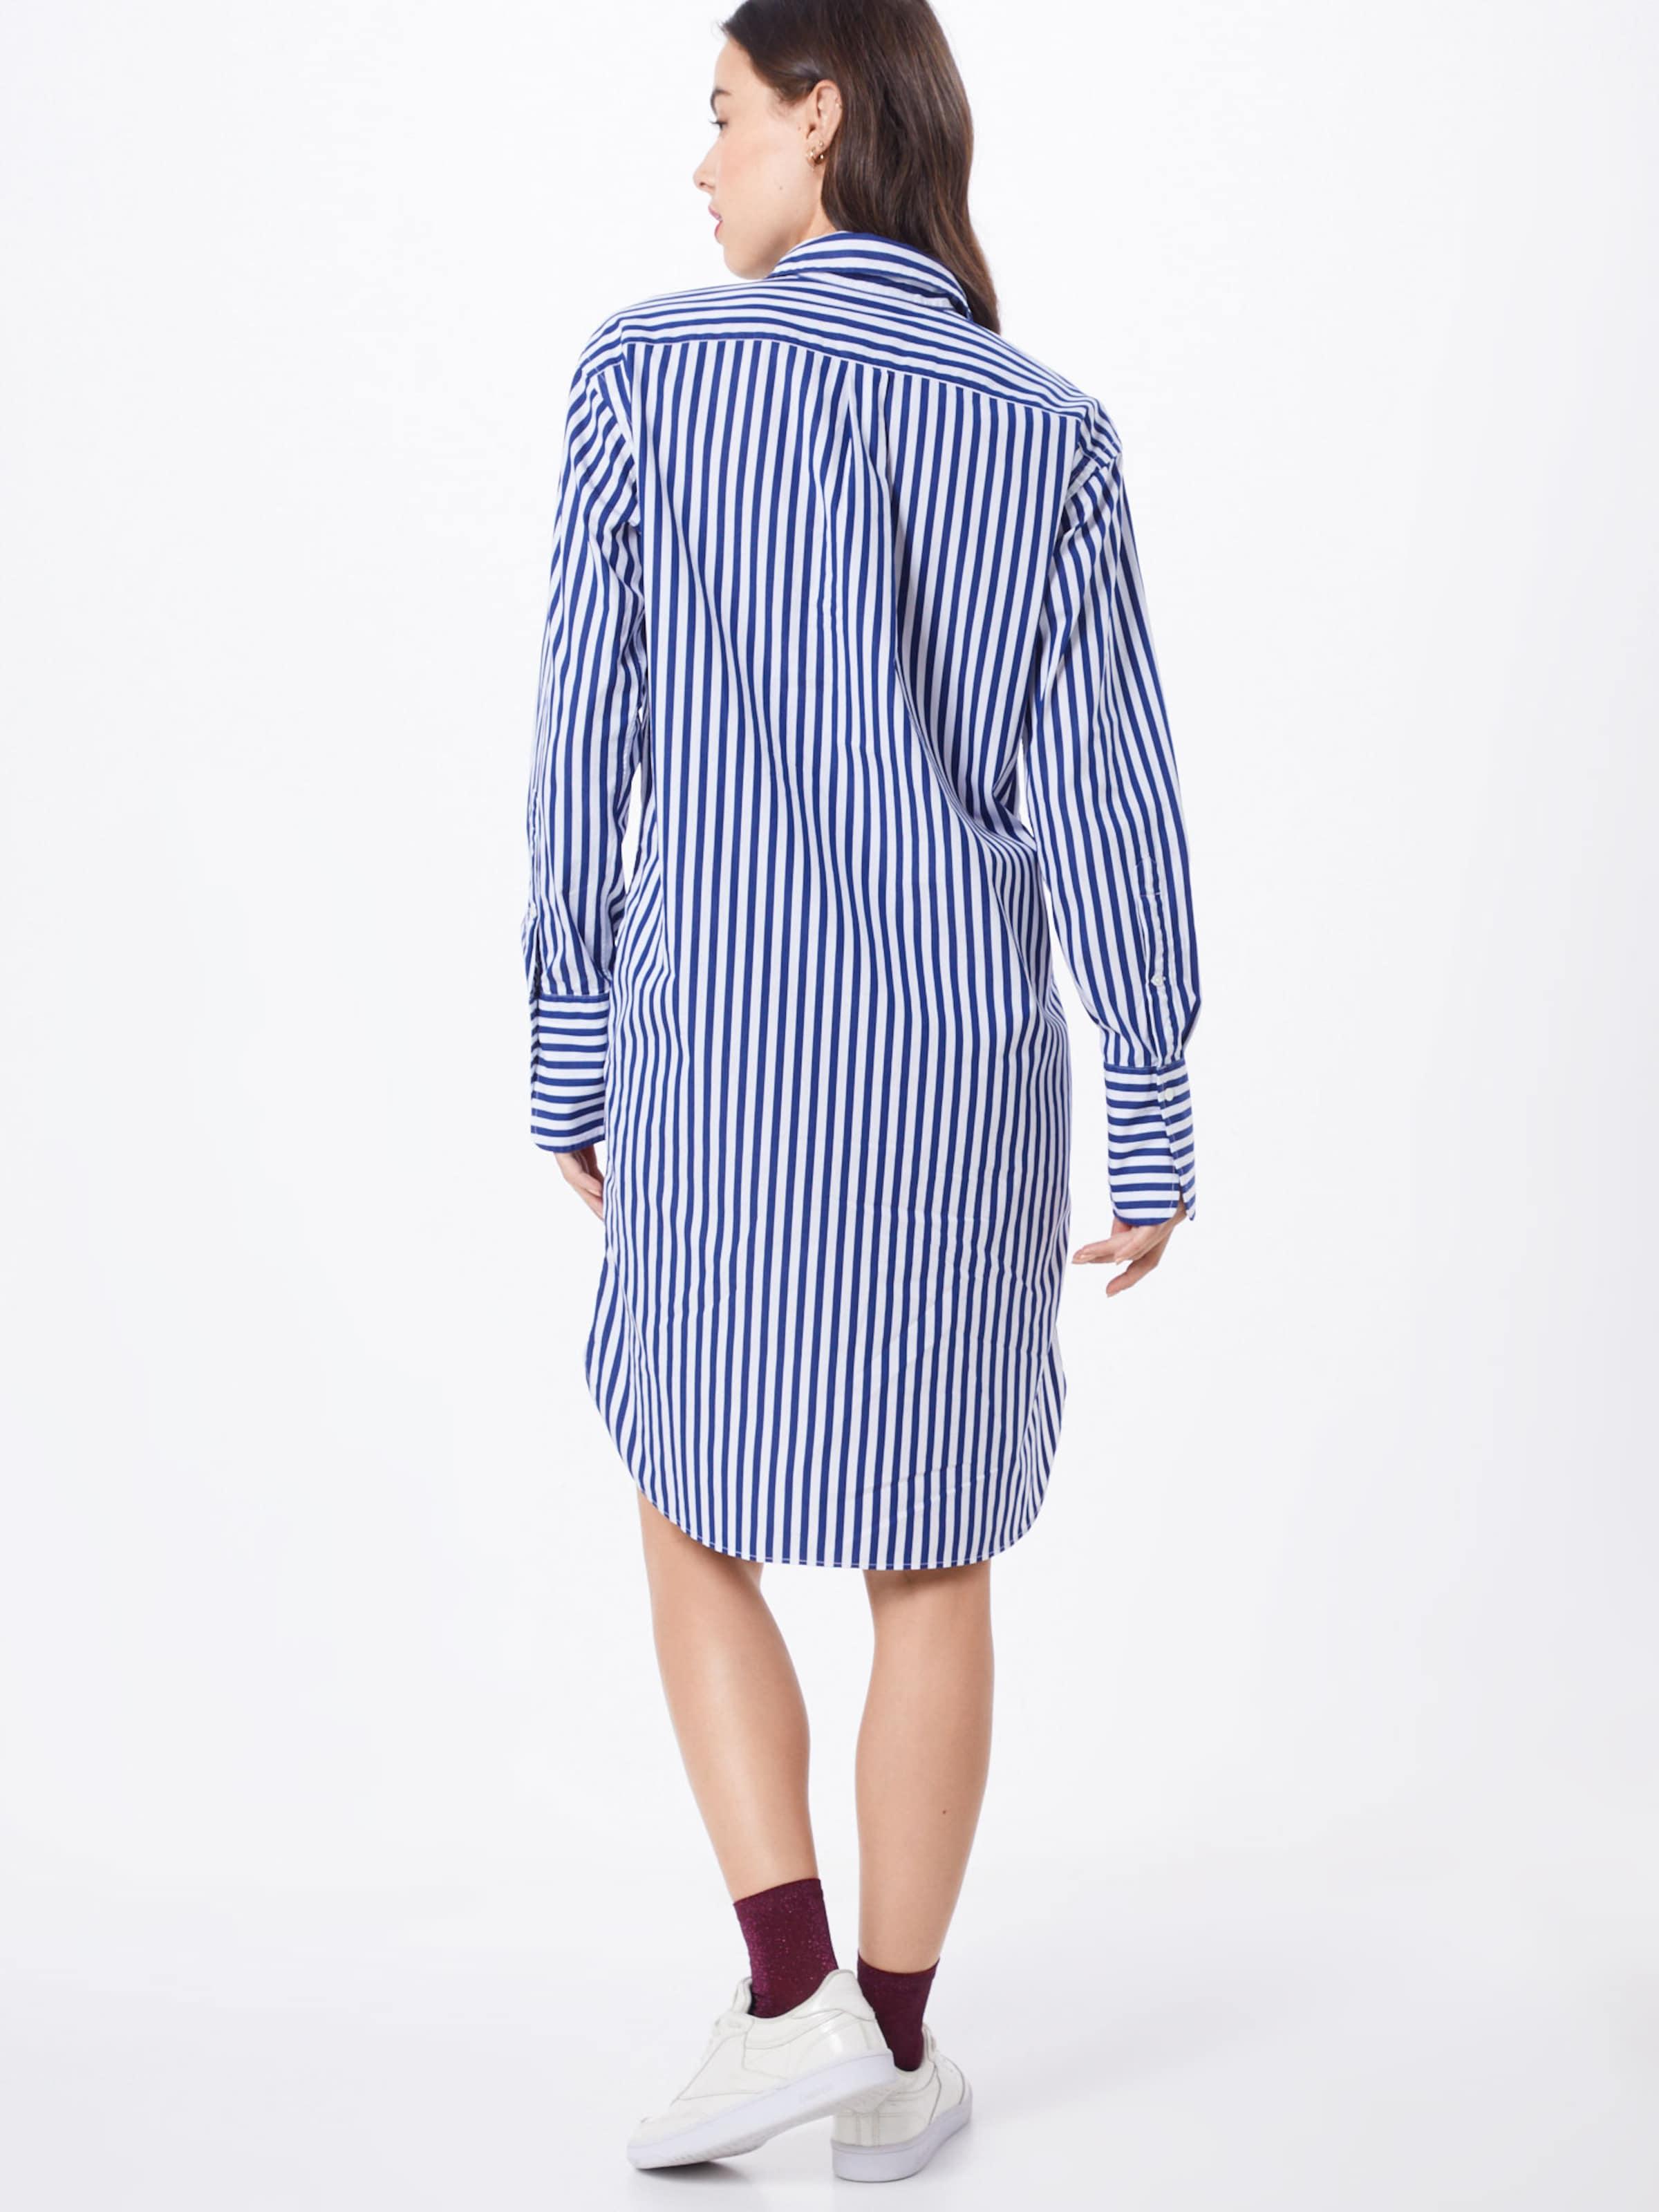 Ralph Kleider Polo In BlauWeiß Lauren yvOnmN8w0